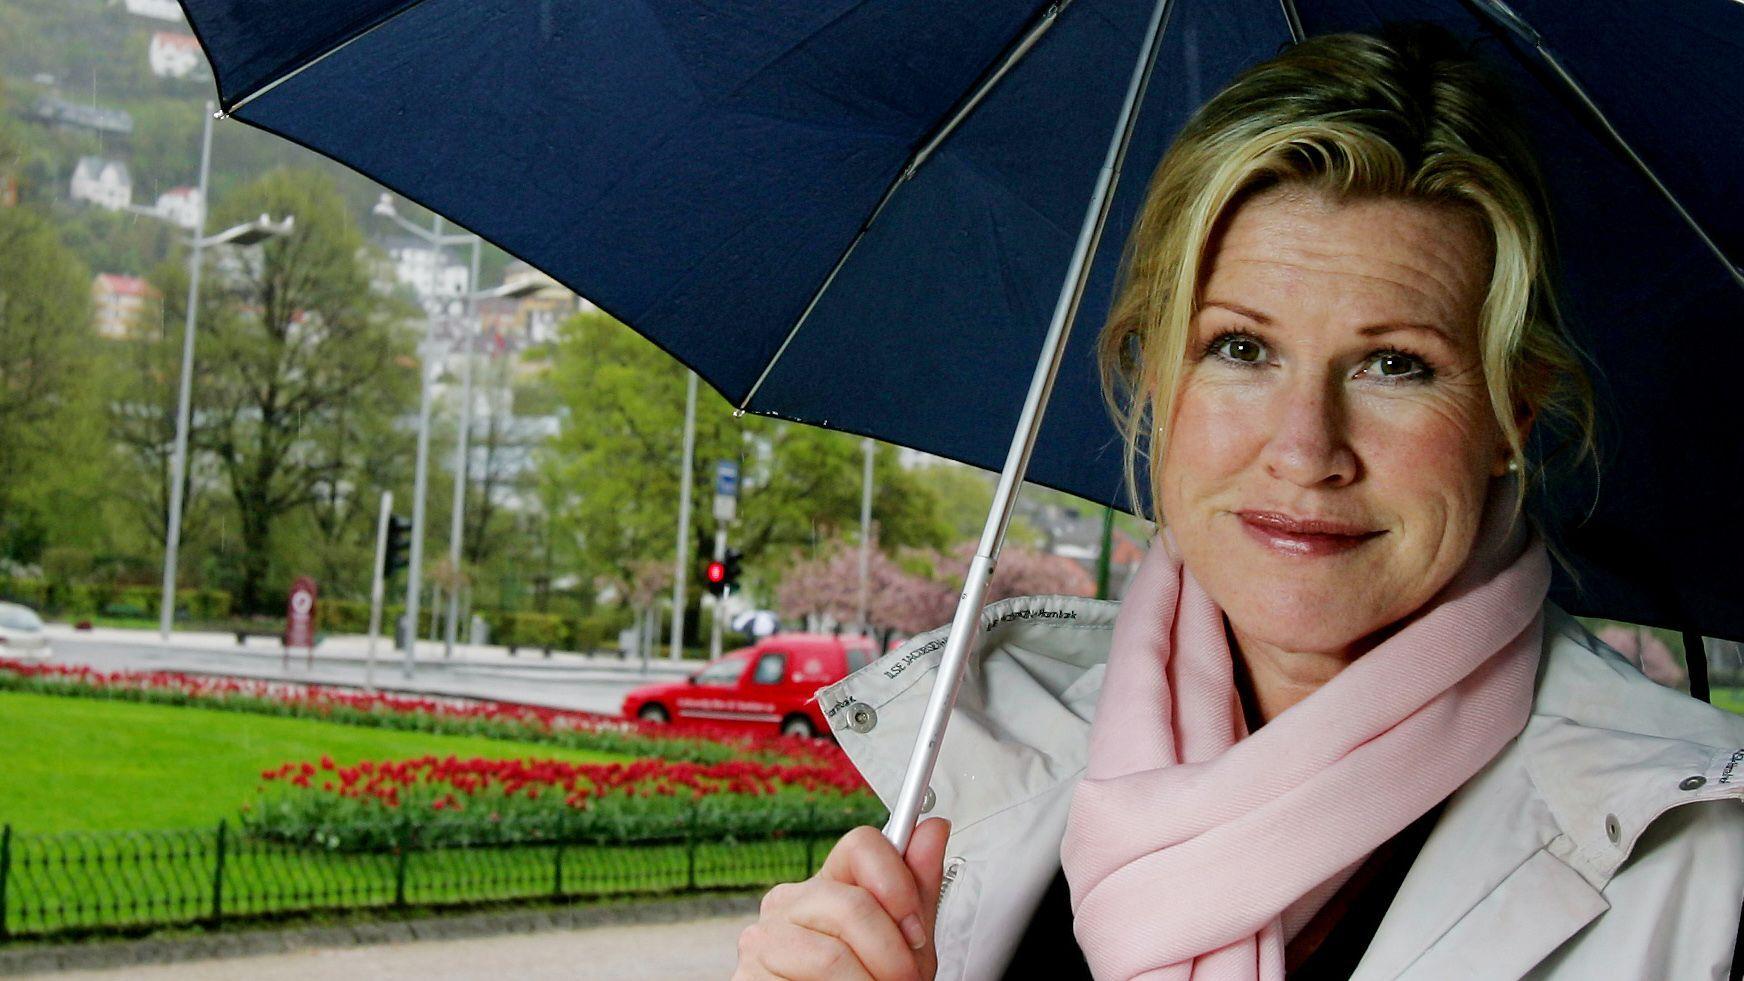 FÅR KRAV: Innsenderne krever at Guri Heftye (bildet), sjefen for Nordiske mediedager, avlyser arrangementet med den omstridte mannen Steve Bannon.